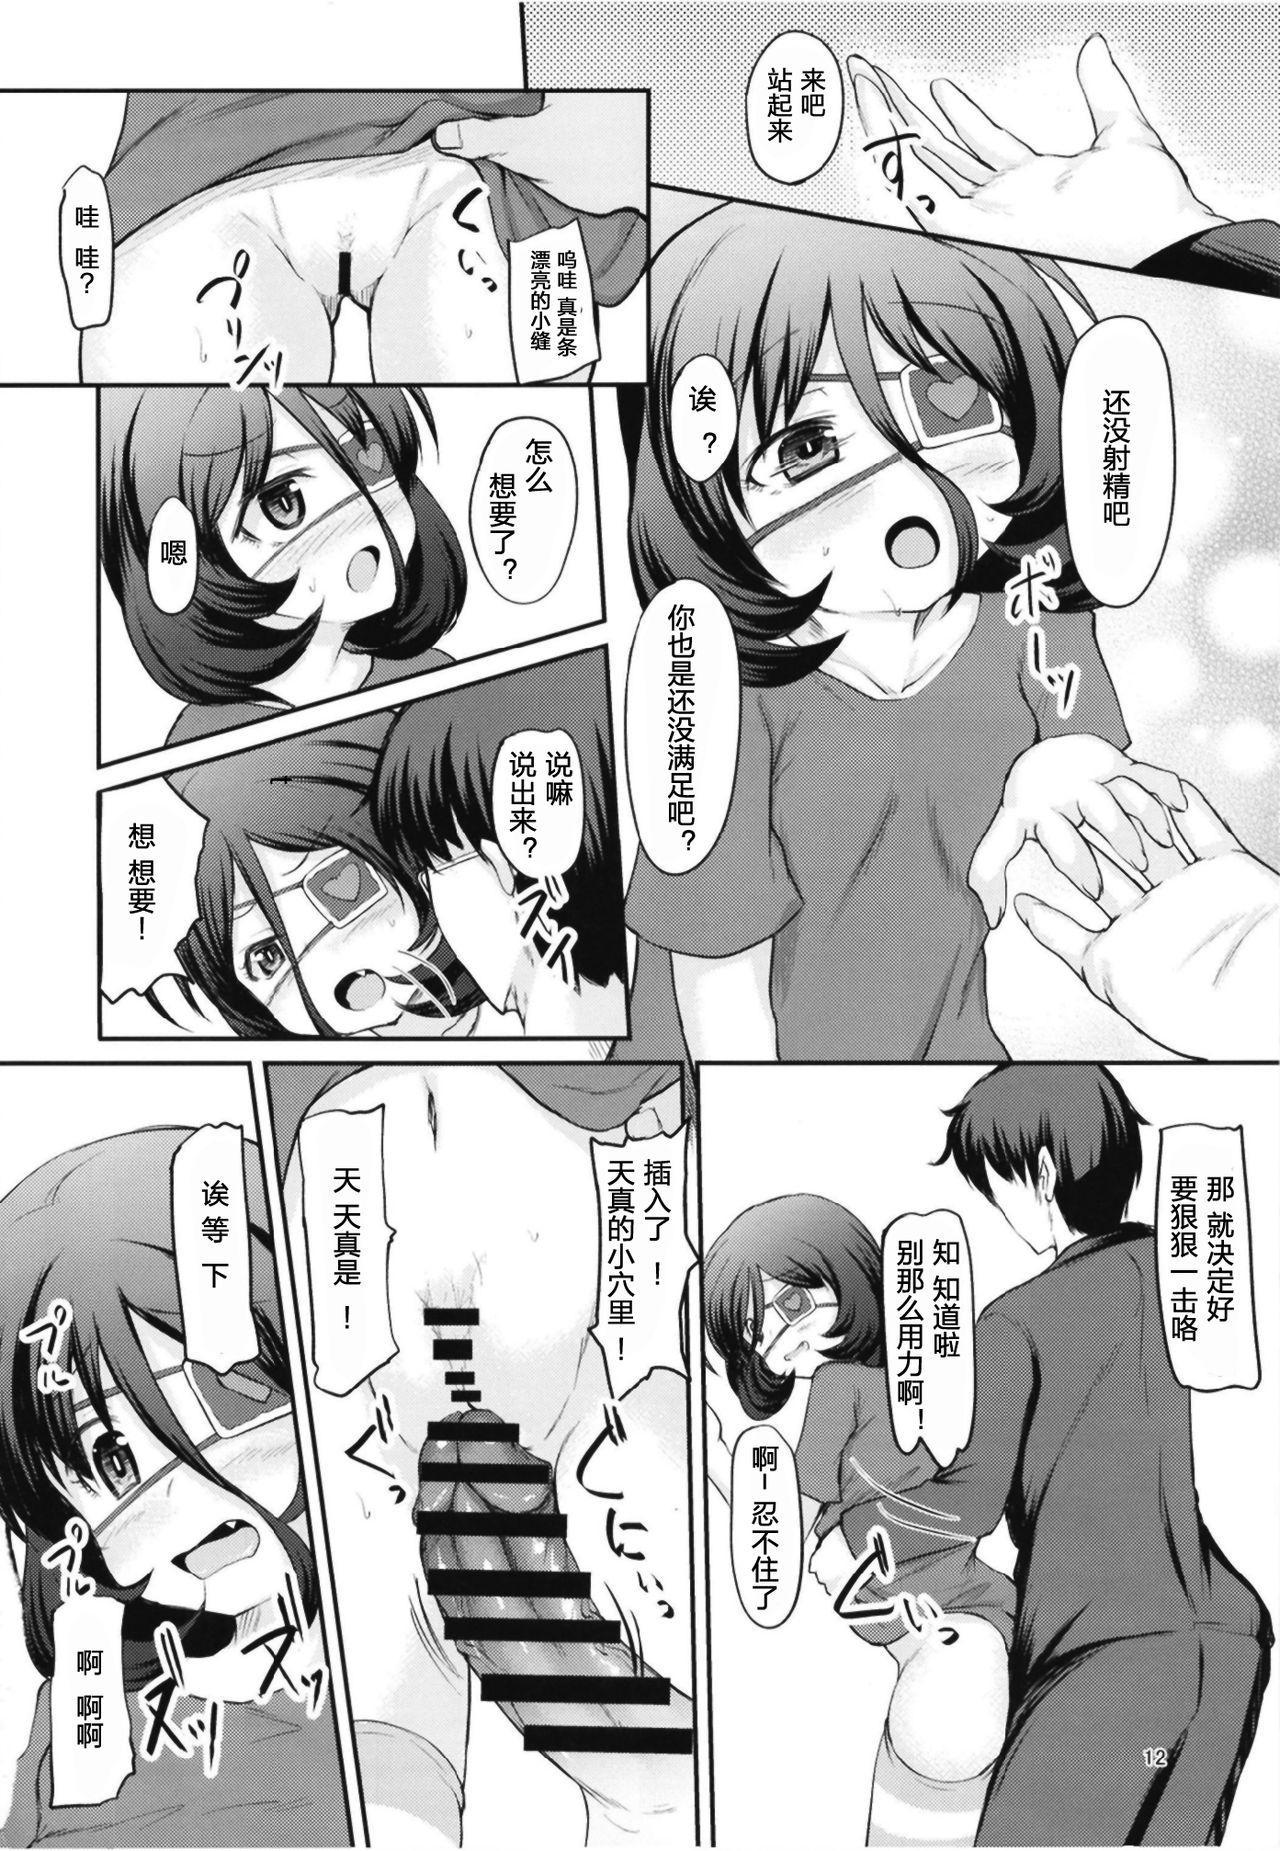 Mirei to Midarana Love Icha Shimasu 11